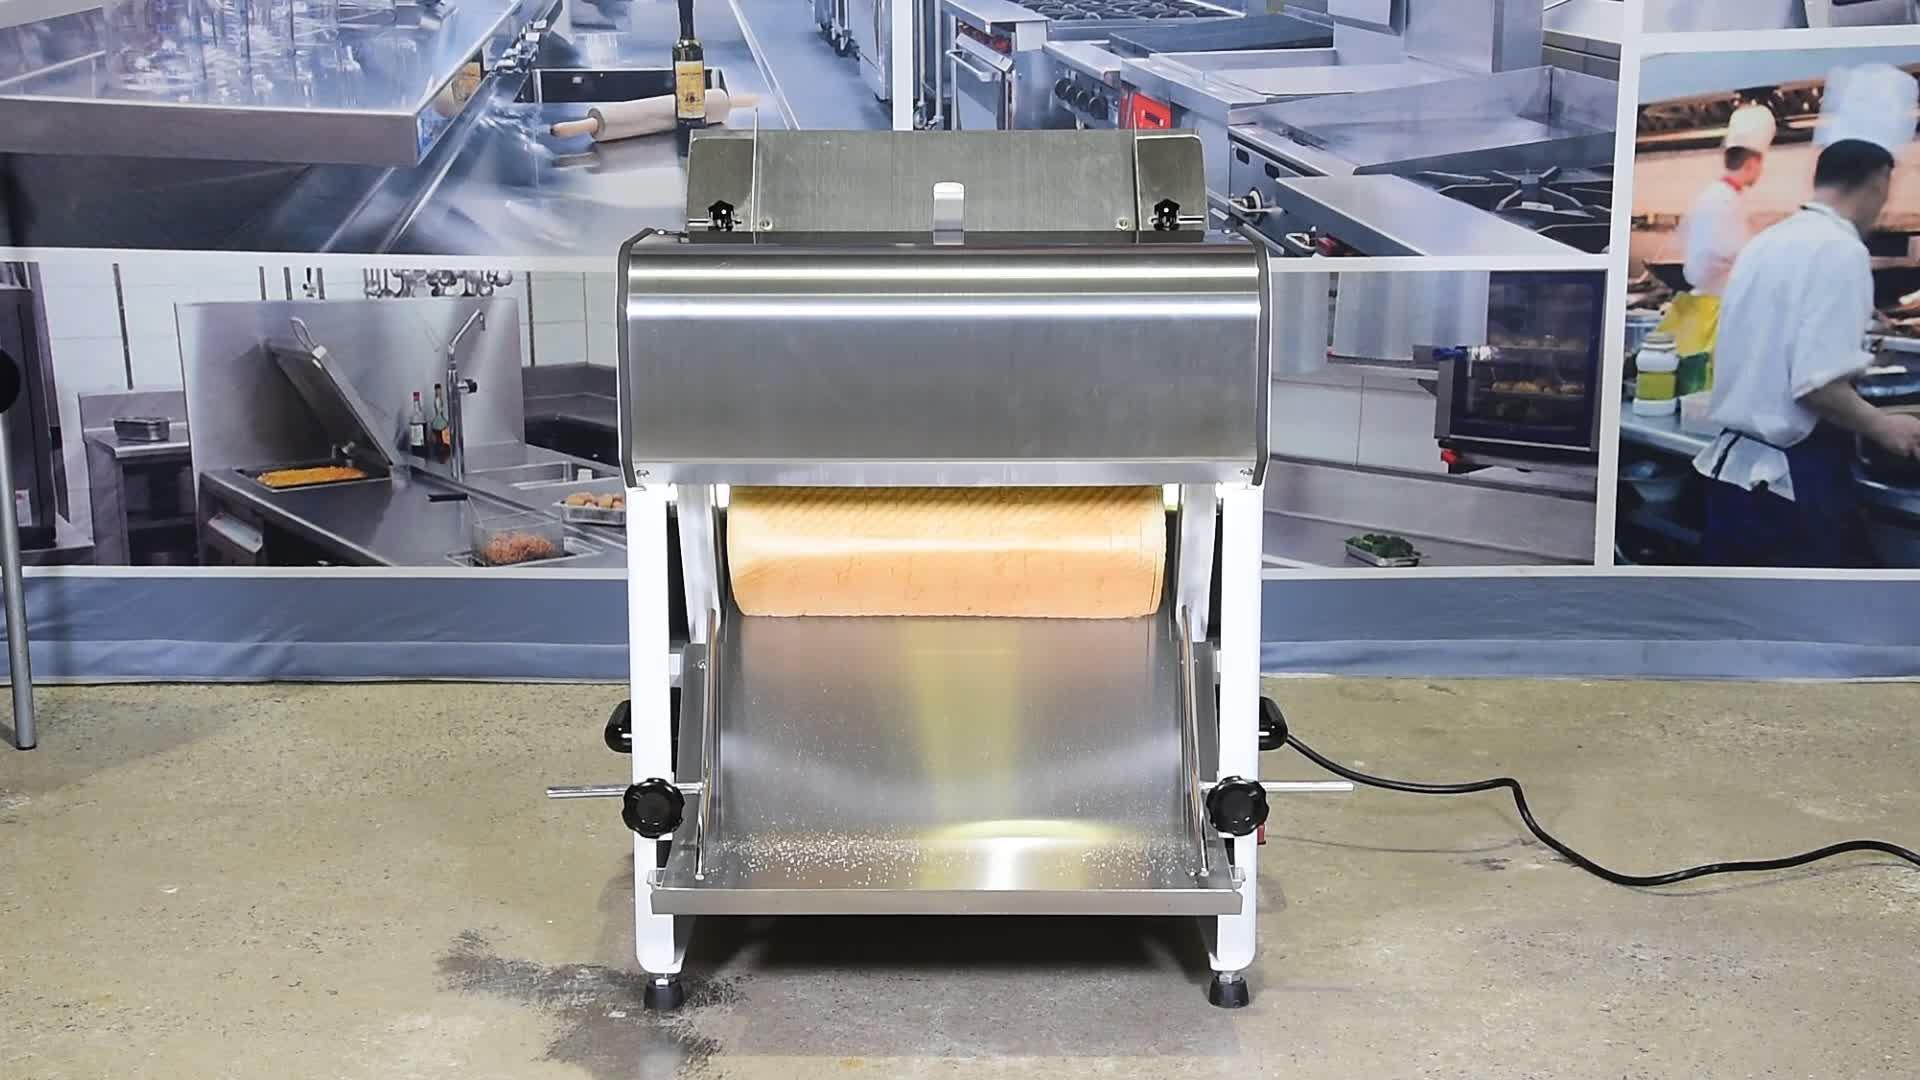 Linkrich CG-39D Bakkerij Apparatuur-Toast Brood Slicer-39pcs, Commerciële Brood Slicer voor Verkoop